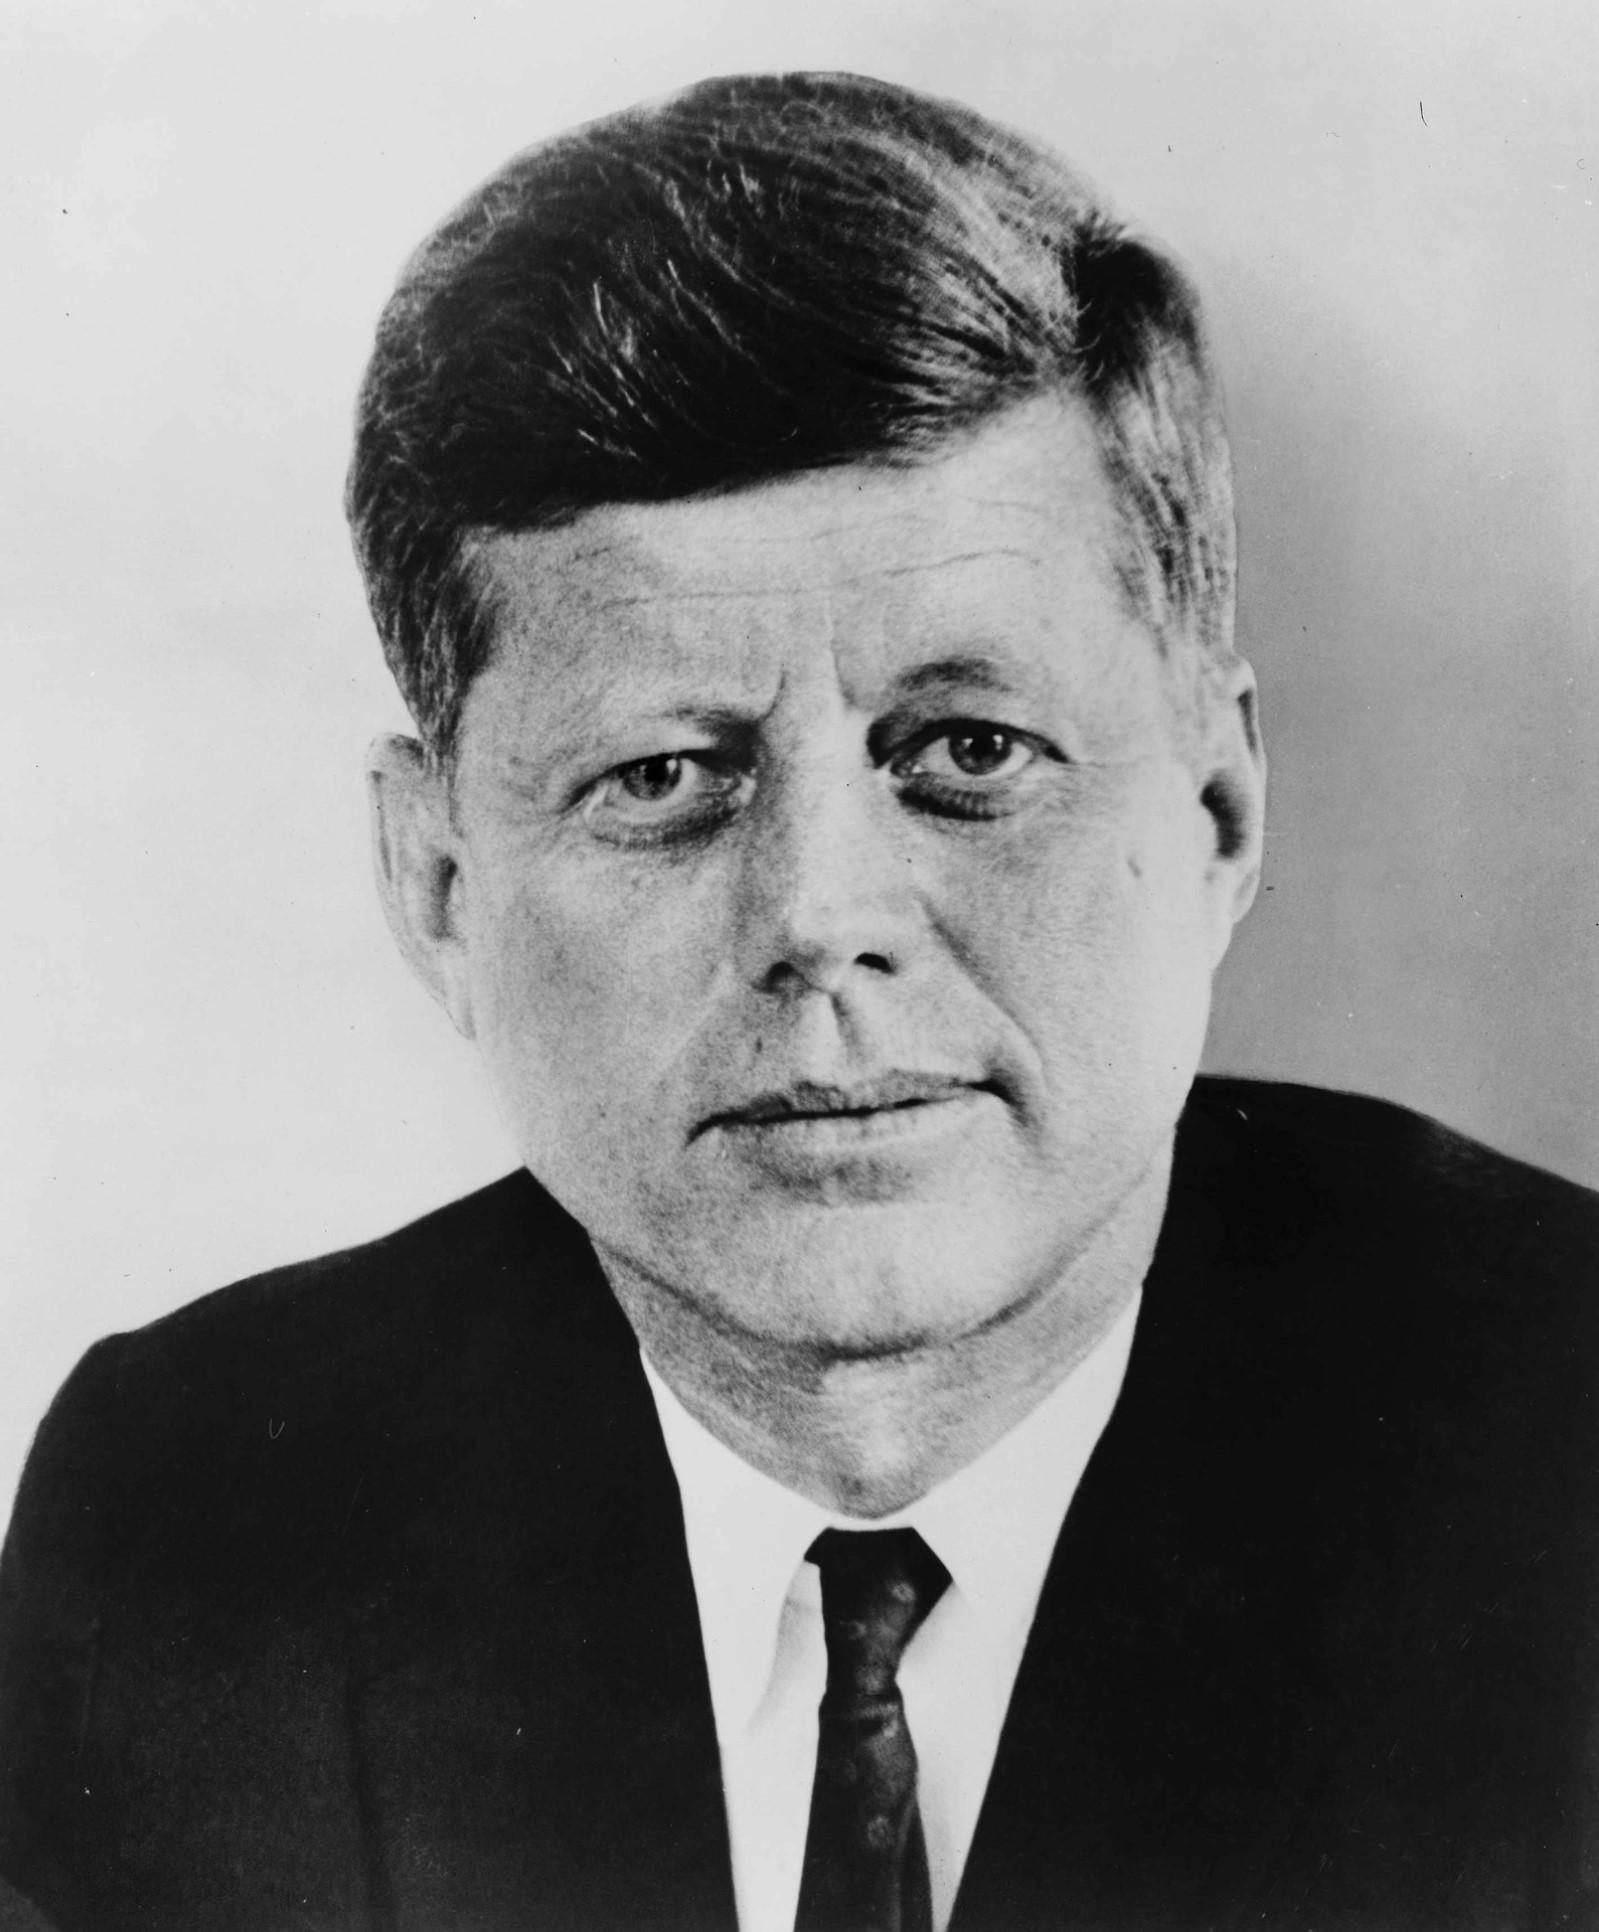 JFK-Media, Myth and Memory Presentation